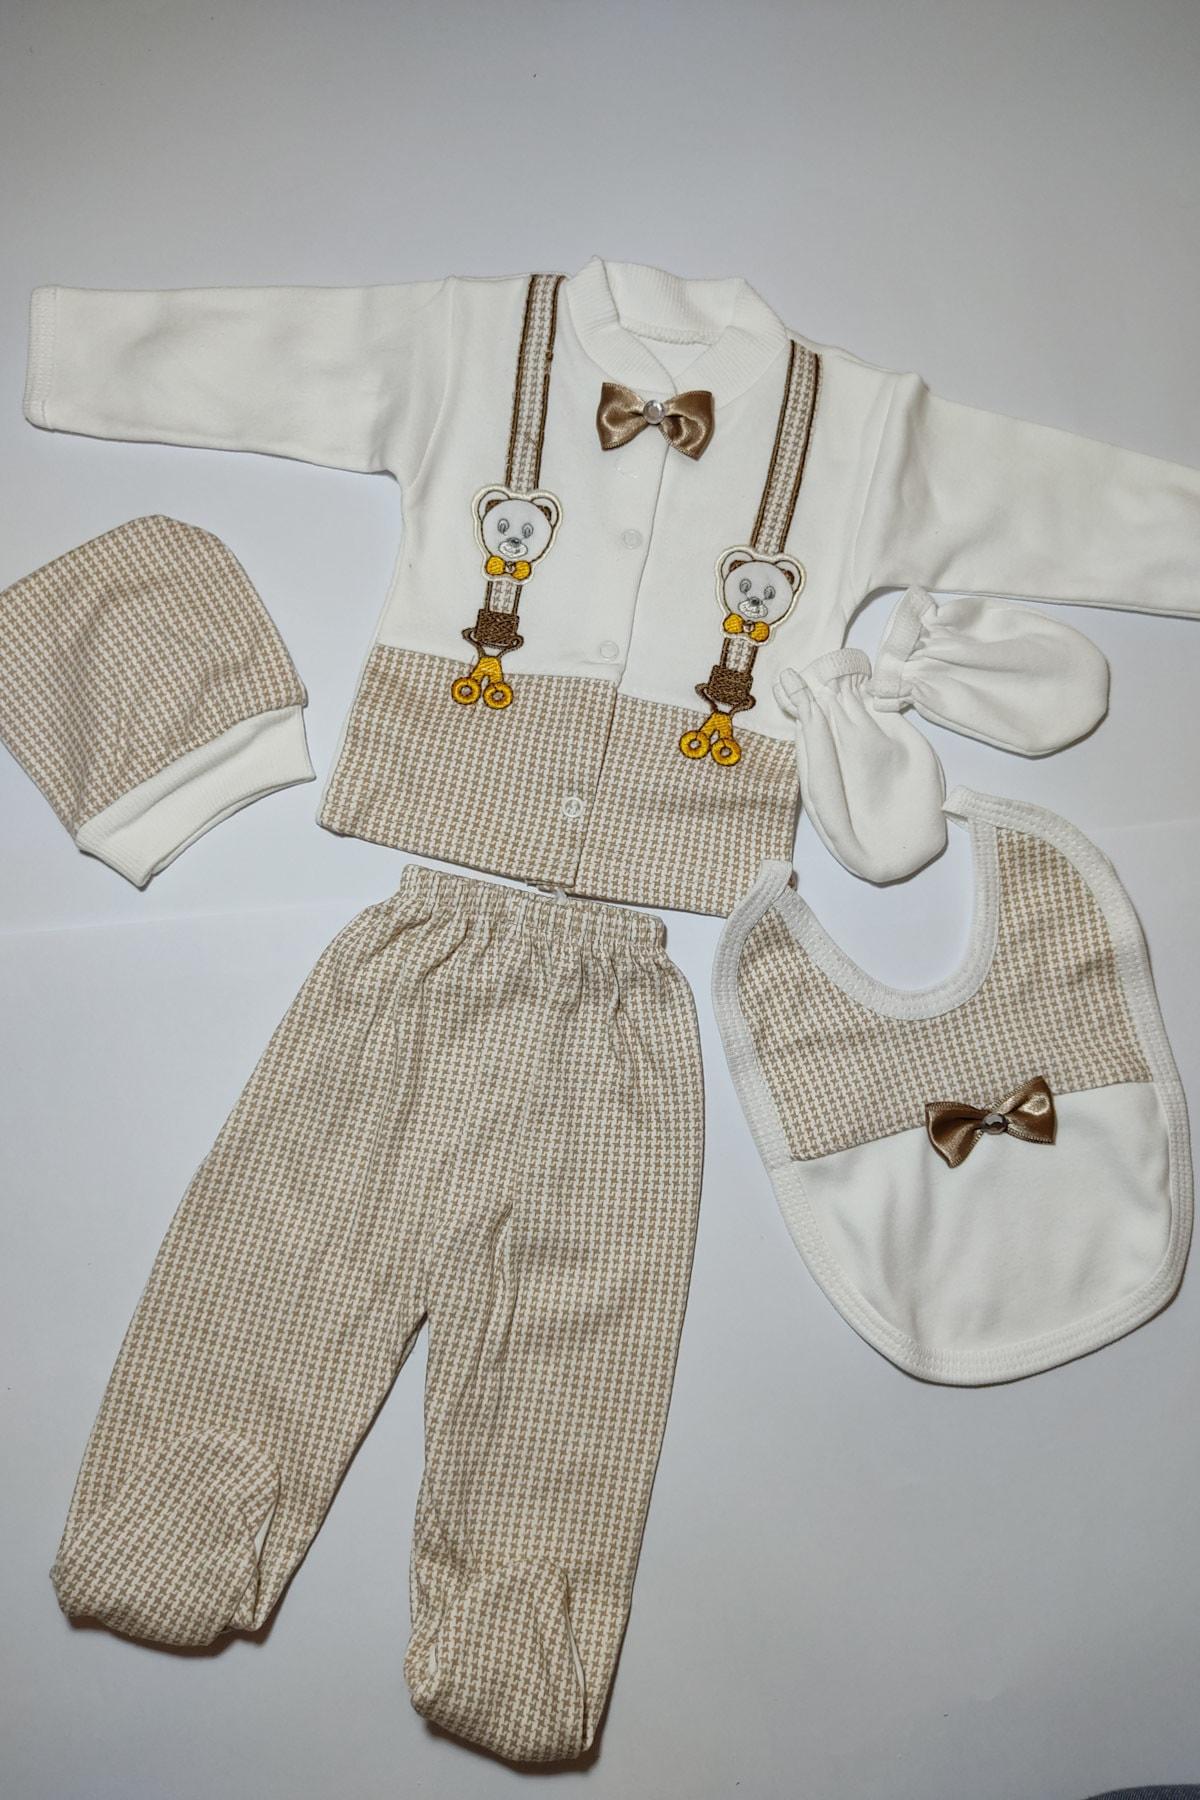 Bombinoo Erkek Bebek Papyonlu Hastane Çıkış Seti 1